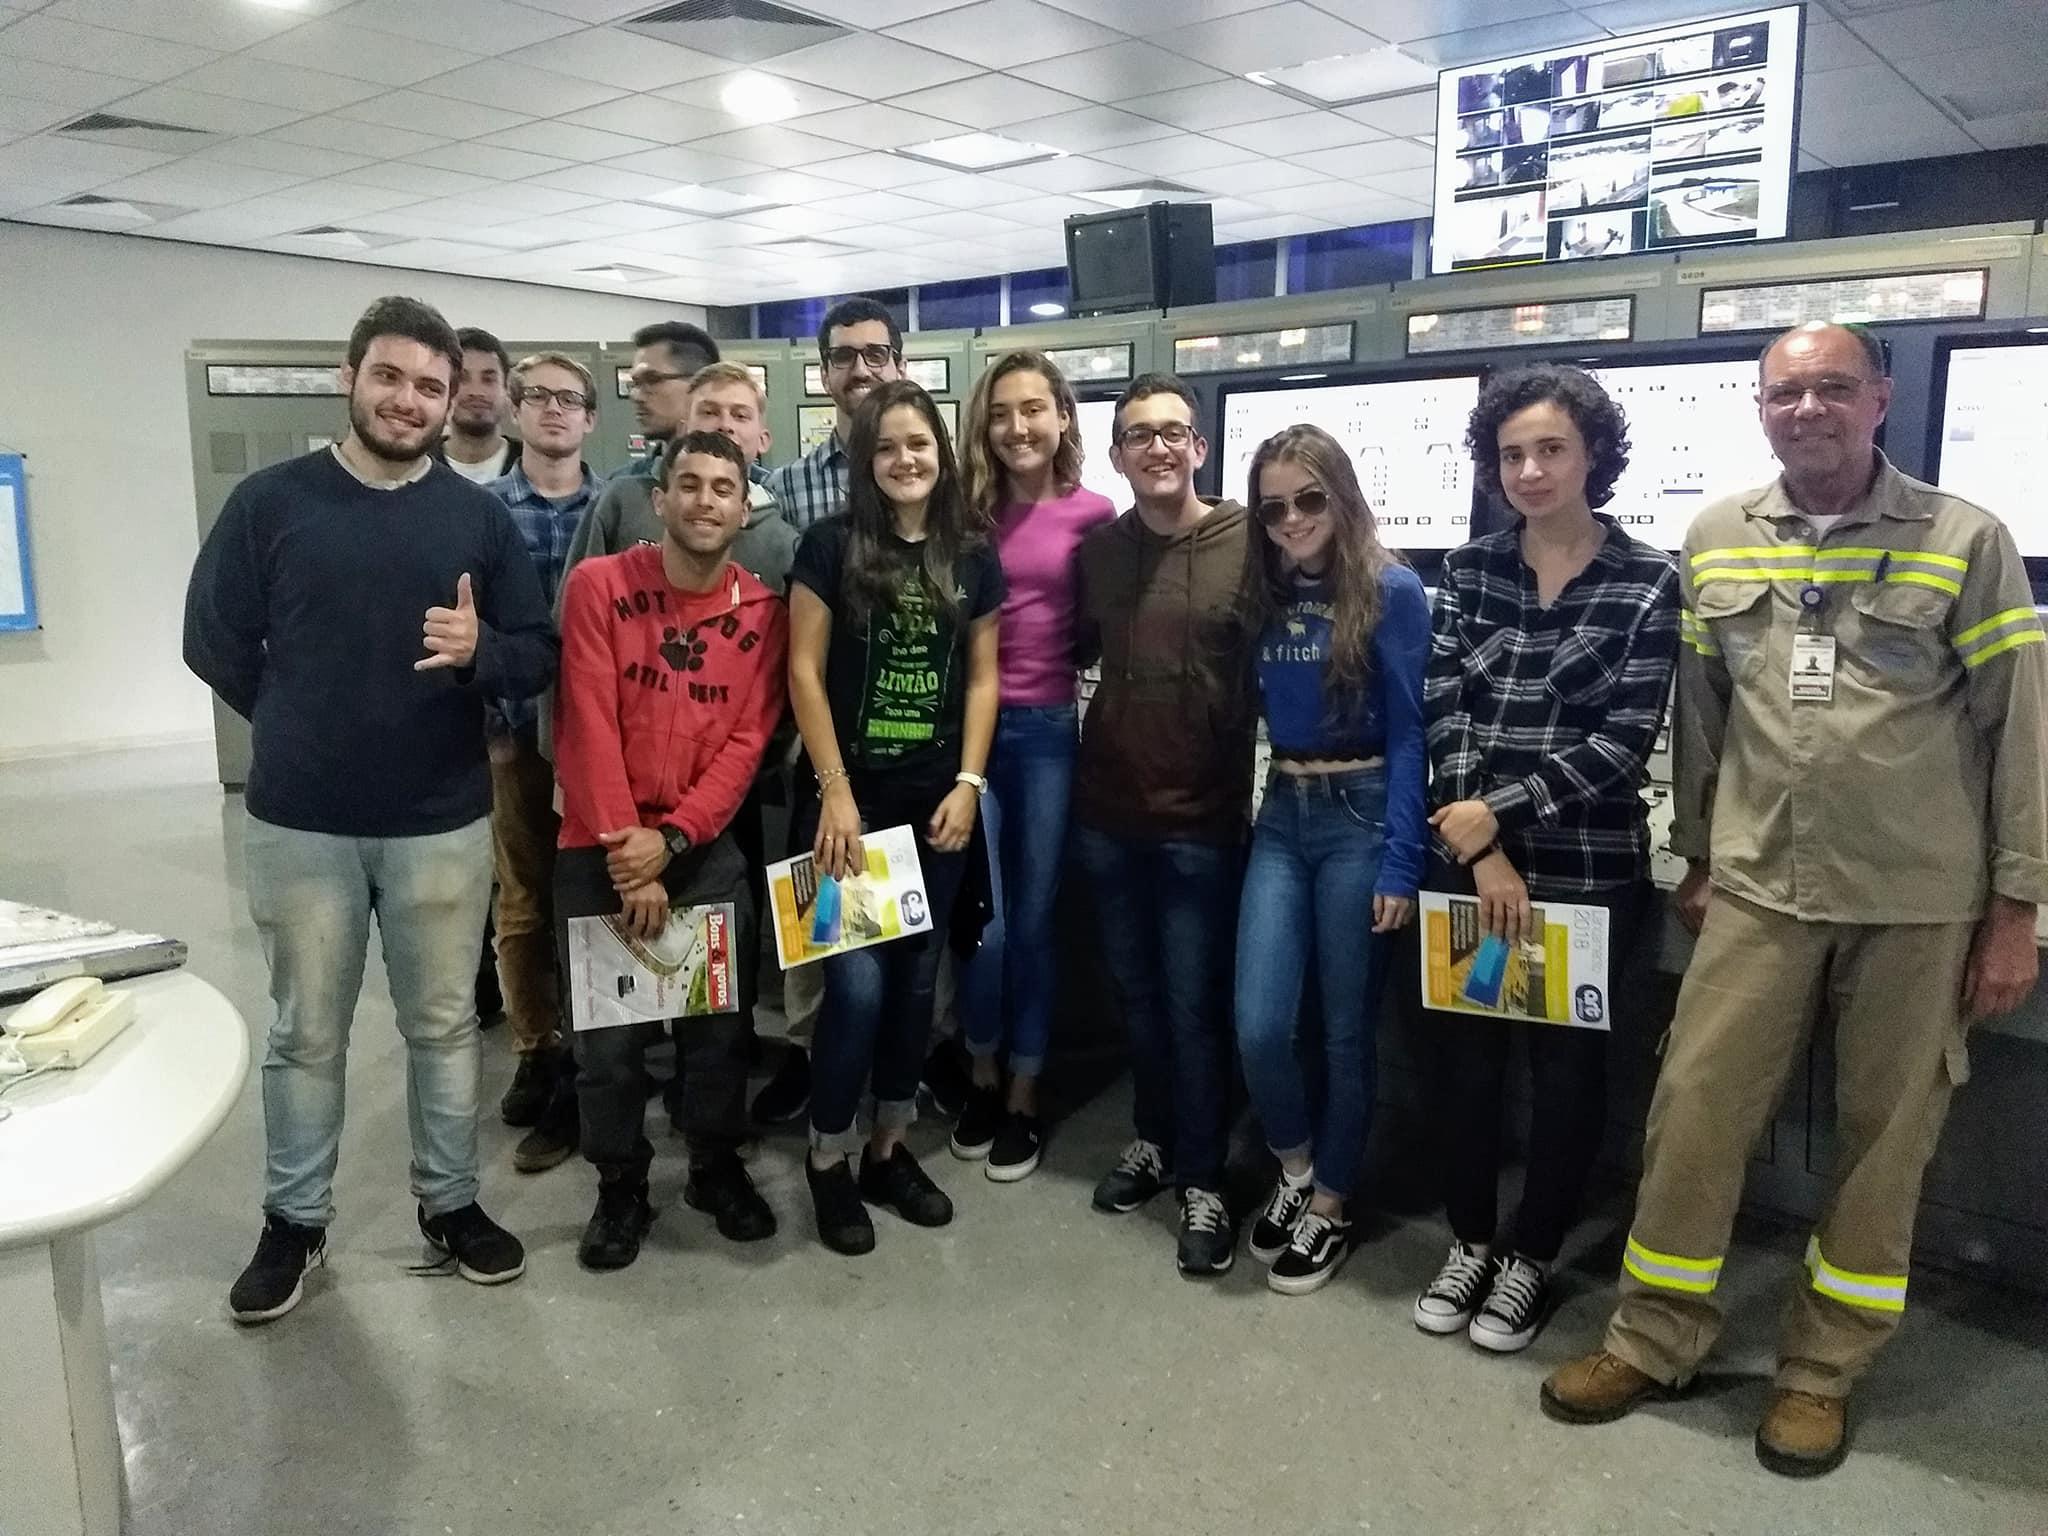 alunos do curso de engenharia civil da UFSC, de Florianópolis,